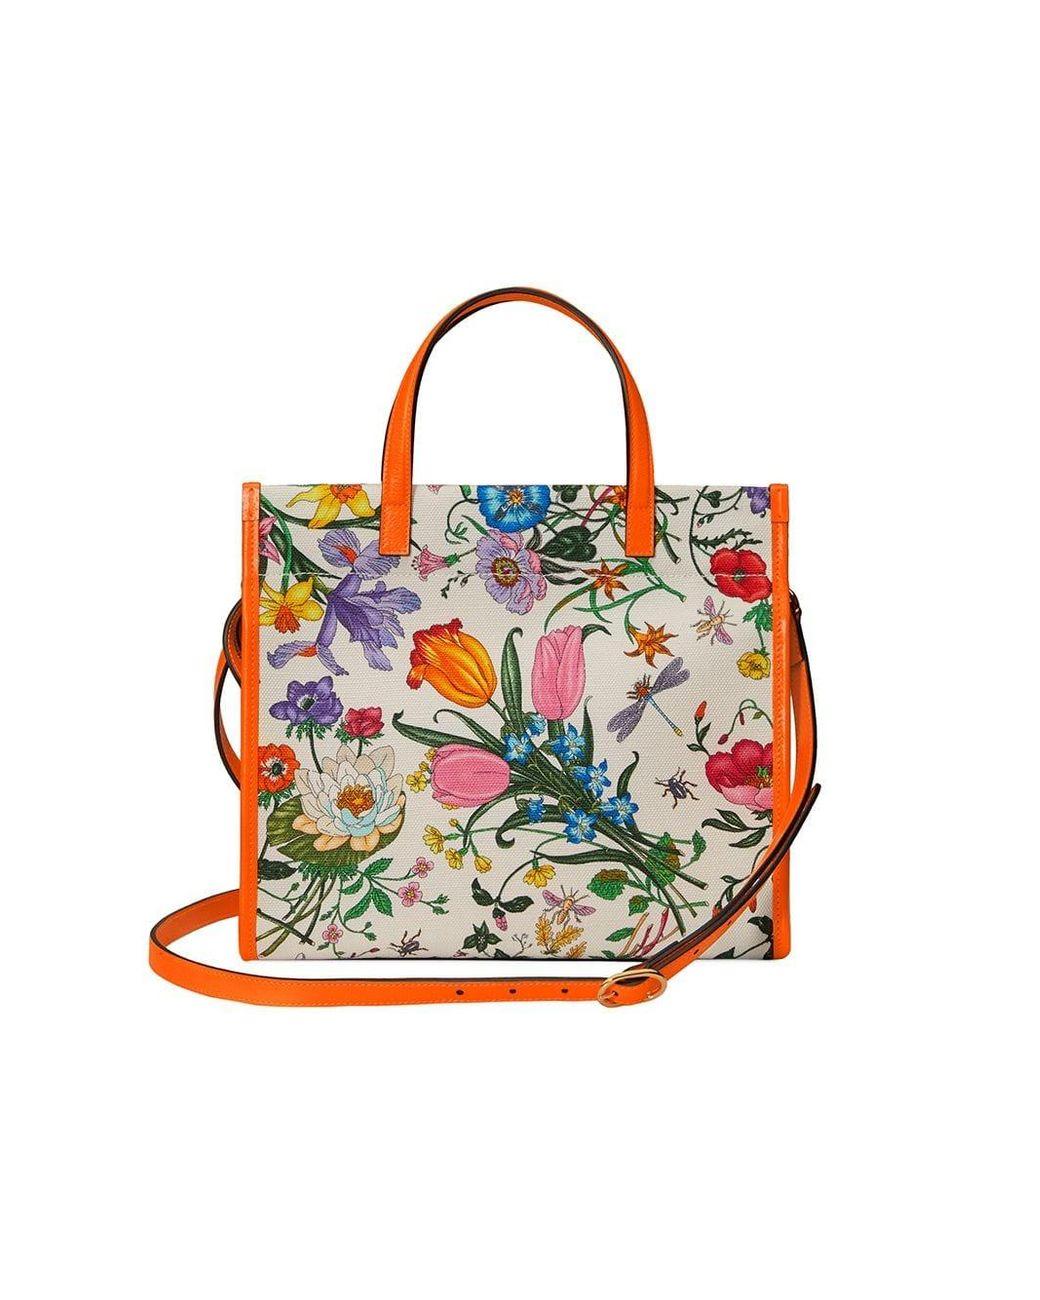 6c180d597283 Gucci Medium Flora Tote Bag in White - Lyst